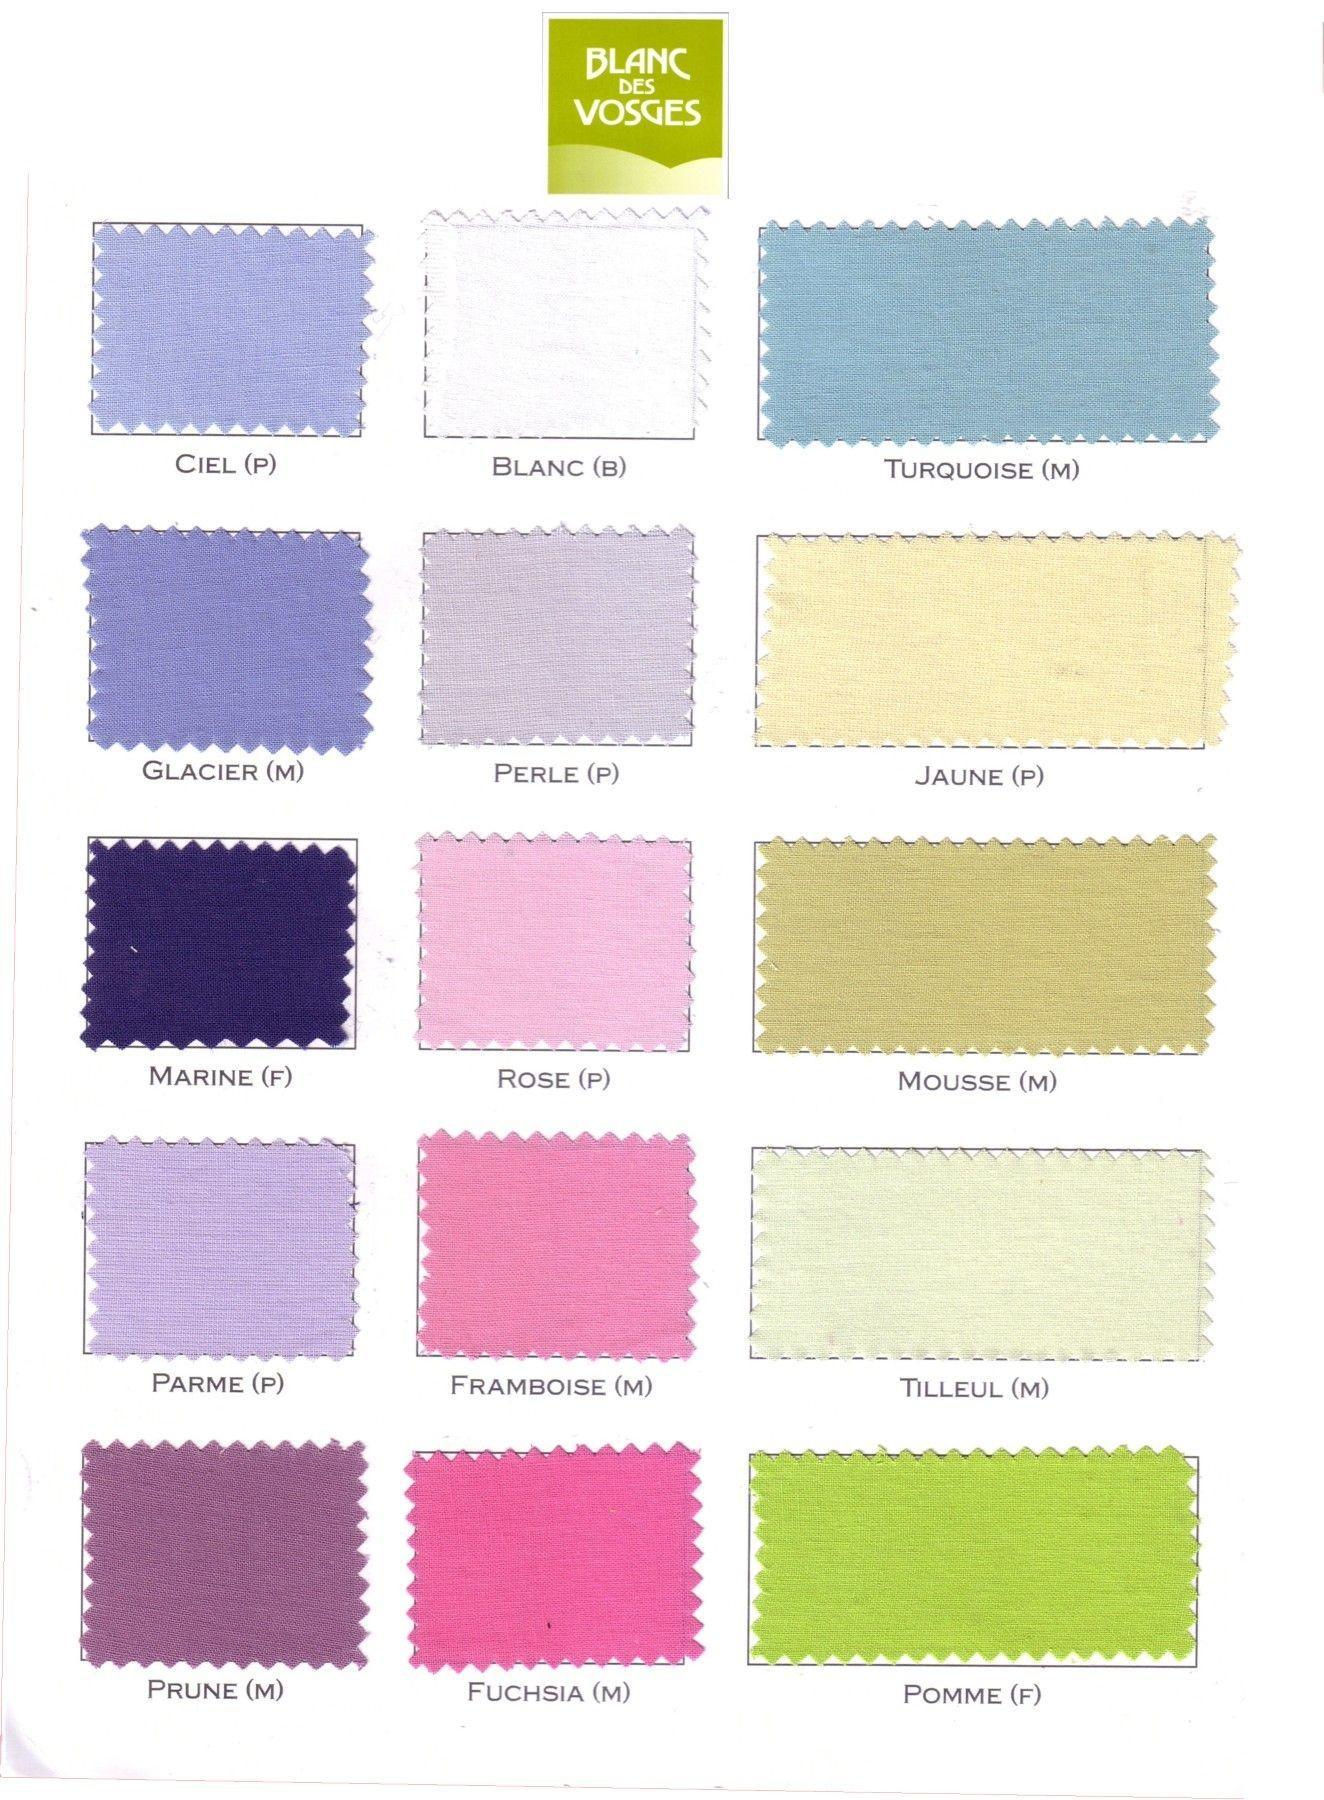 achat drap plat 100 coton blanc des vosges pas cher. Black Bedroom Furniture Sets. Home Design Ideas